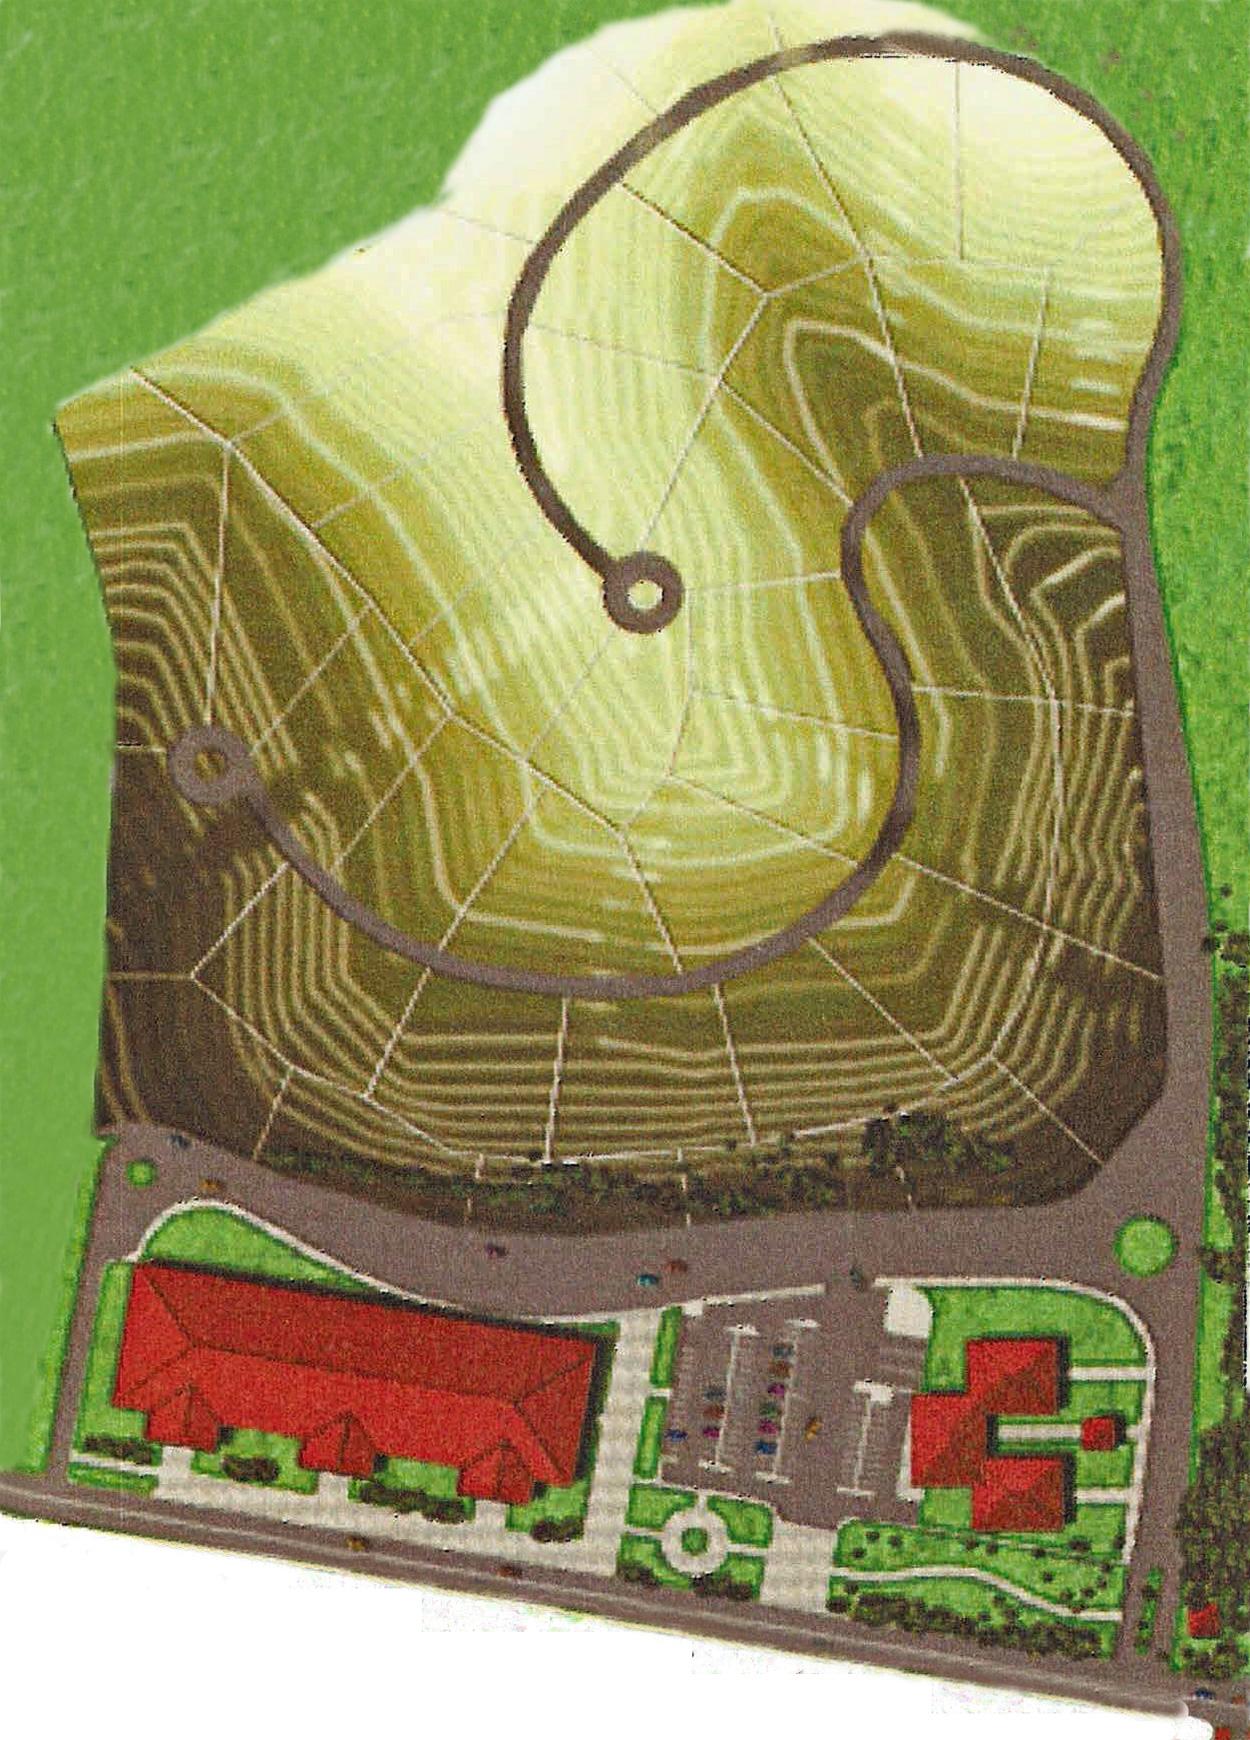 rio-los-cocos-site-rendering-top